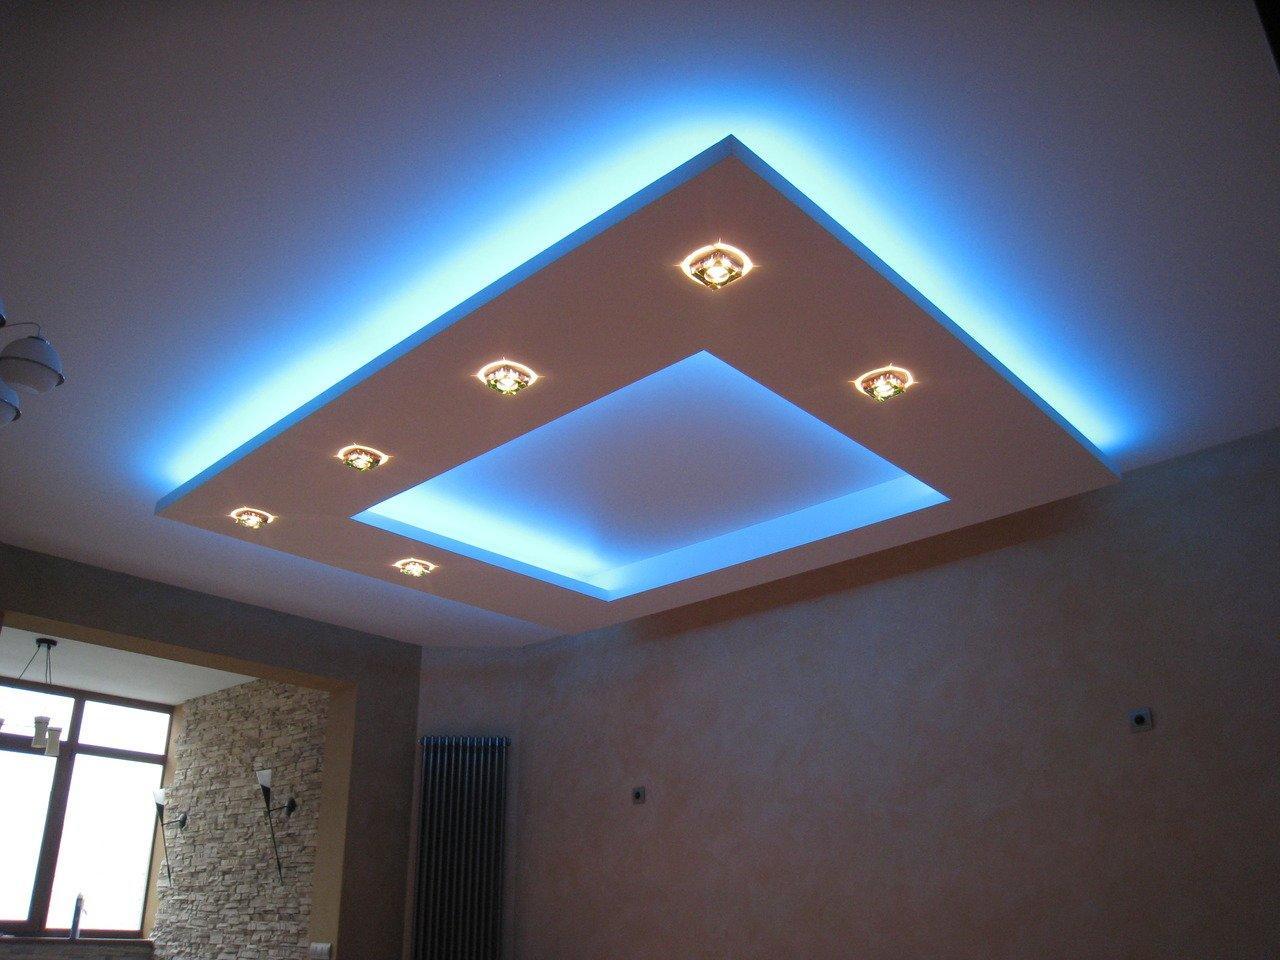 Натяжной потолок с неоновой подсветкой долговечен, так как замена светильников производится 1 раз в 10 лет